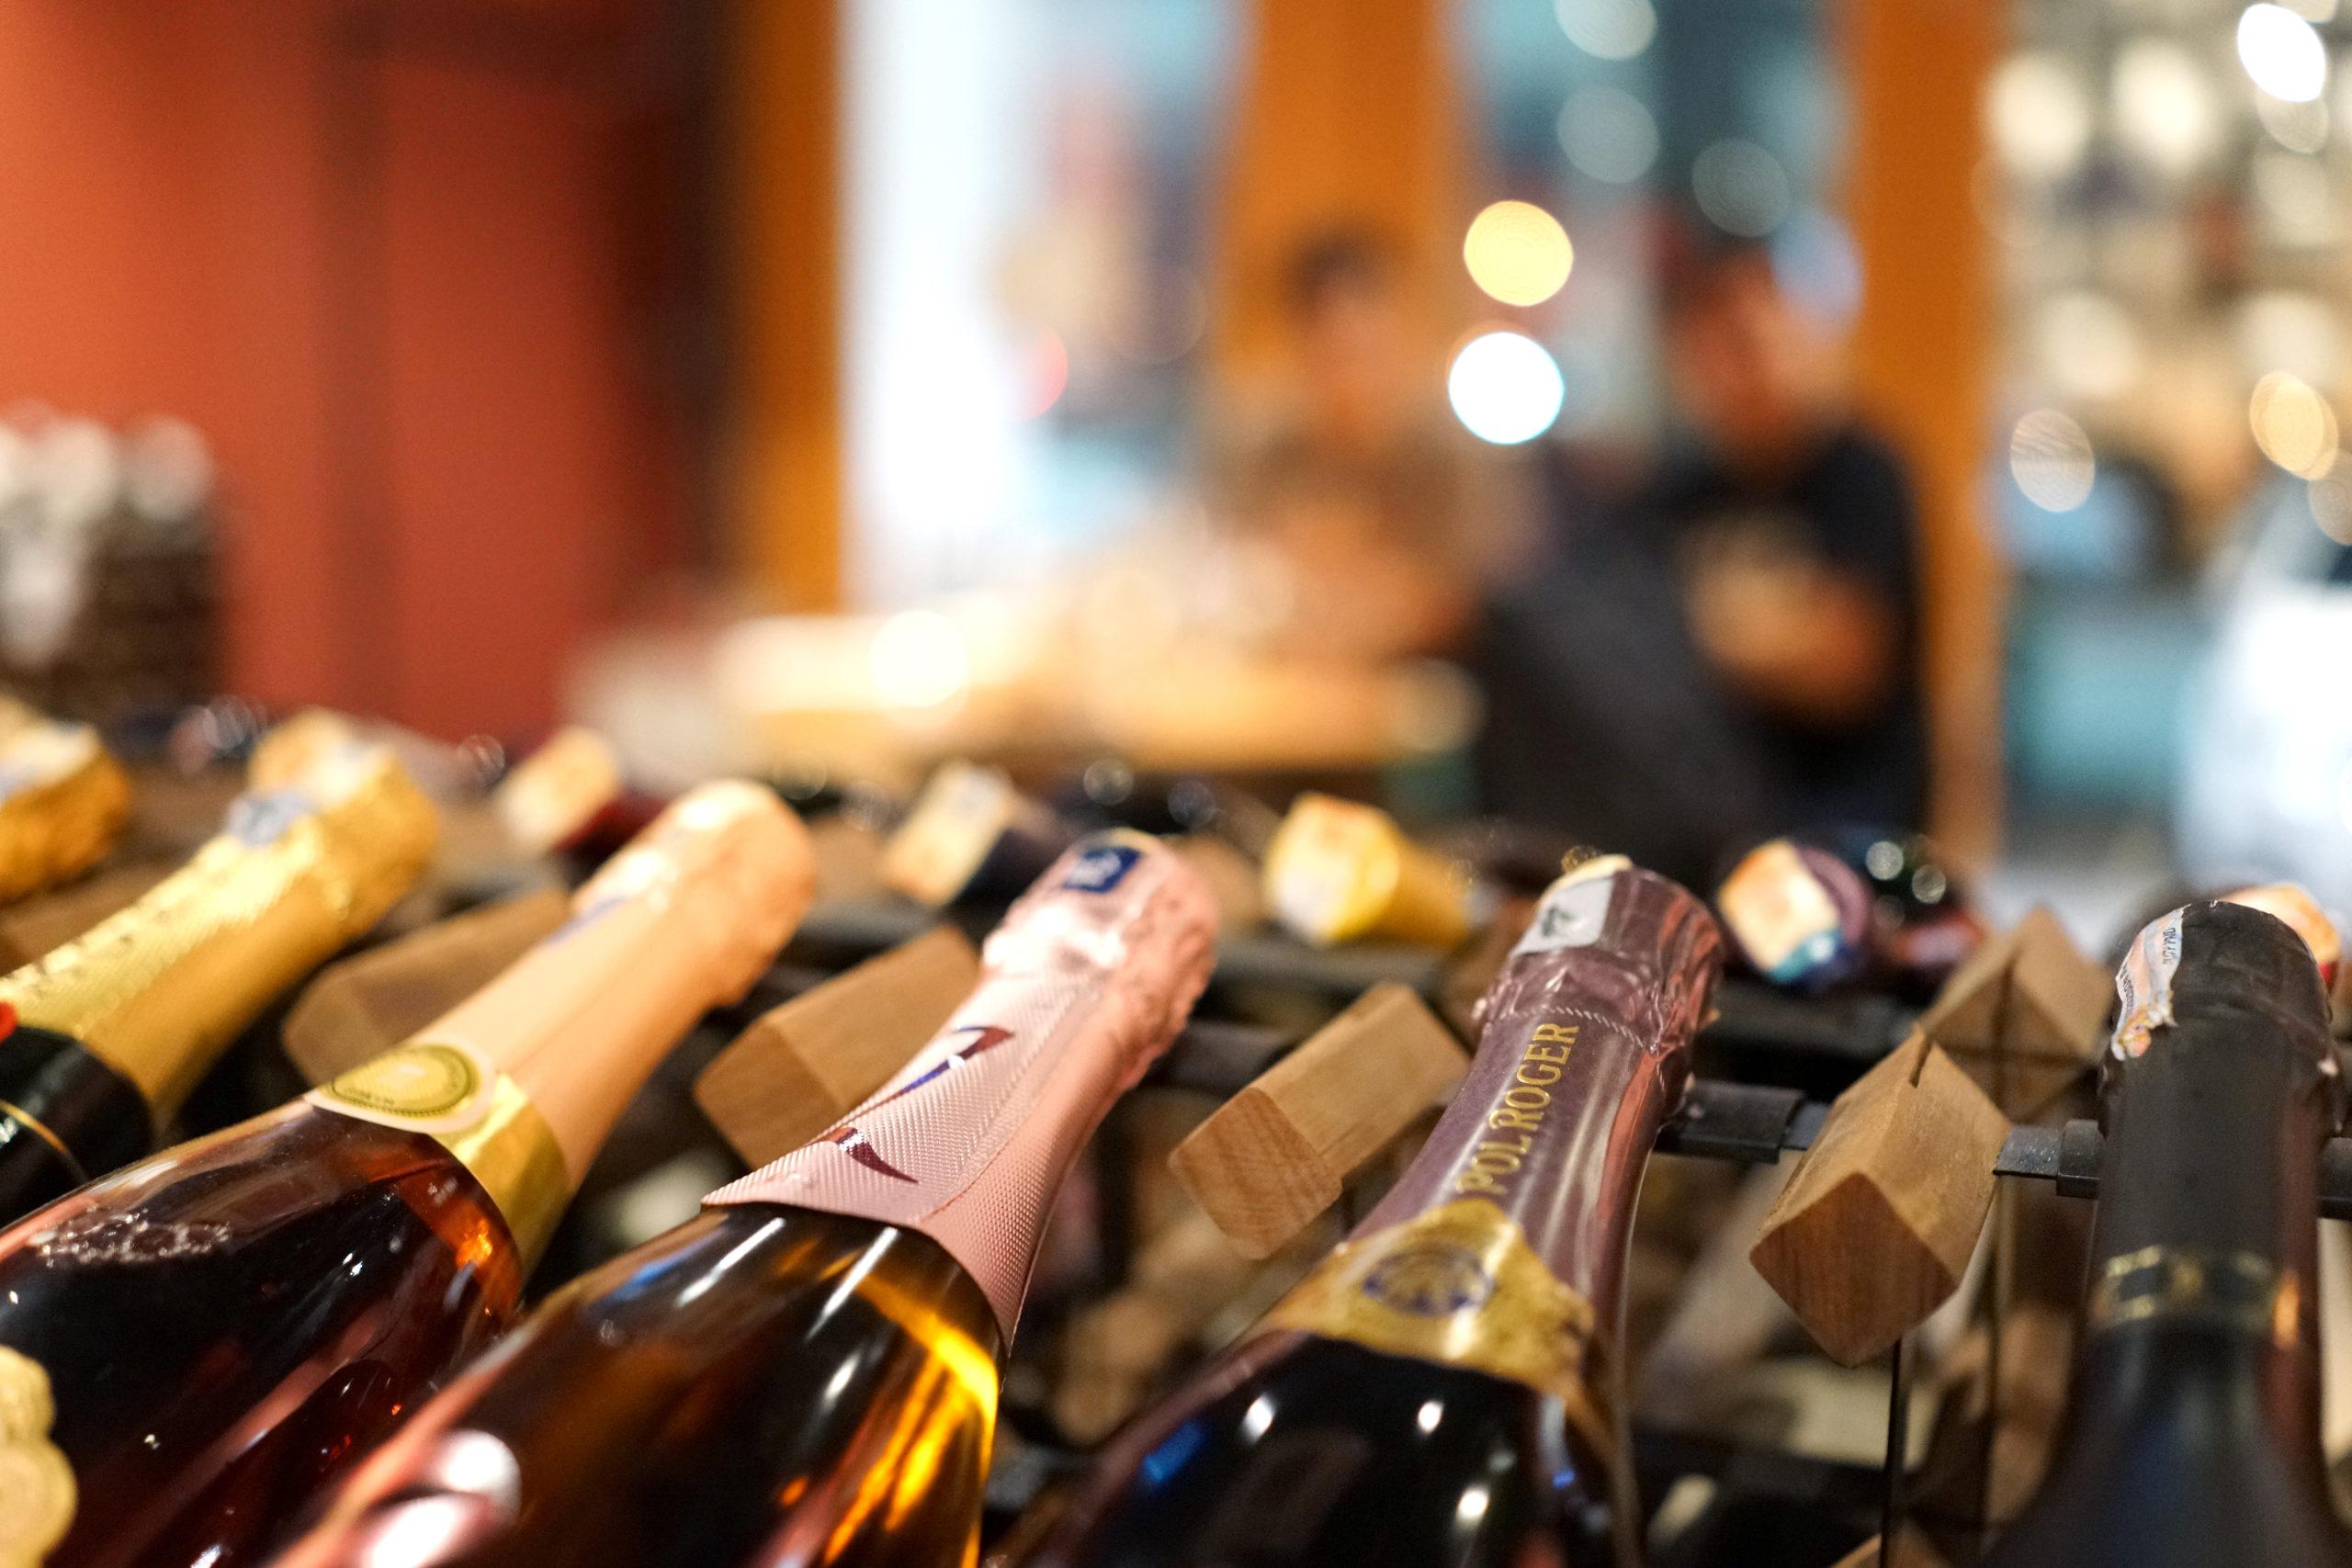 税務署への酒類の製造、販売業の免許申請